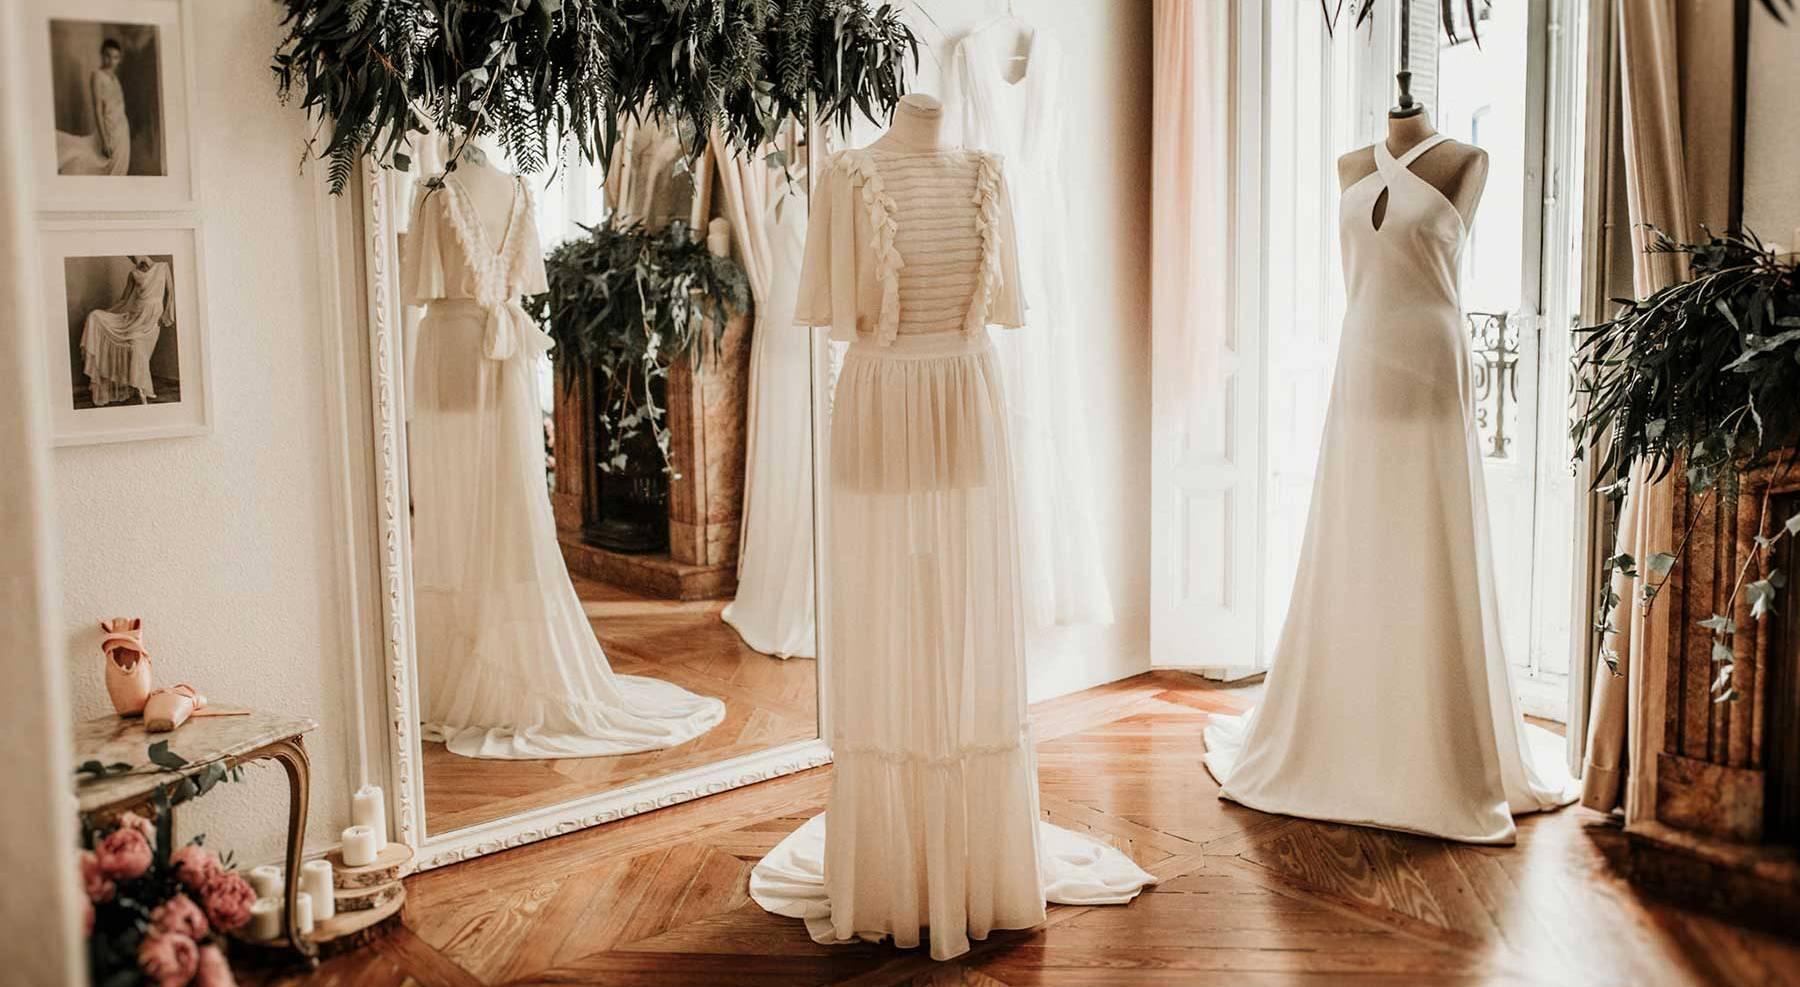 Atelier en la Calle Fernando VI, 2 (Madrid) de Impúribus, la firma de moda especializada en el diseño a medida para novias e invitadas